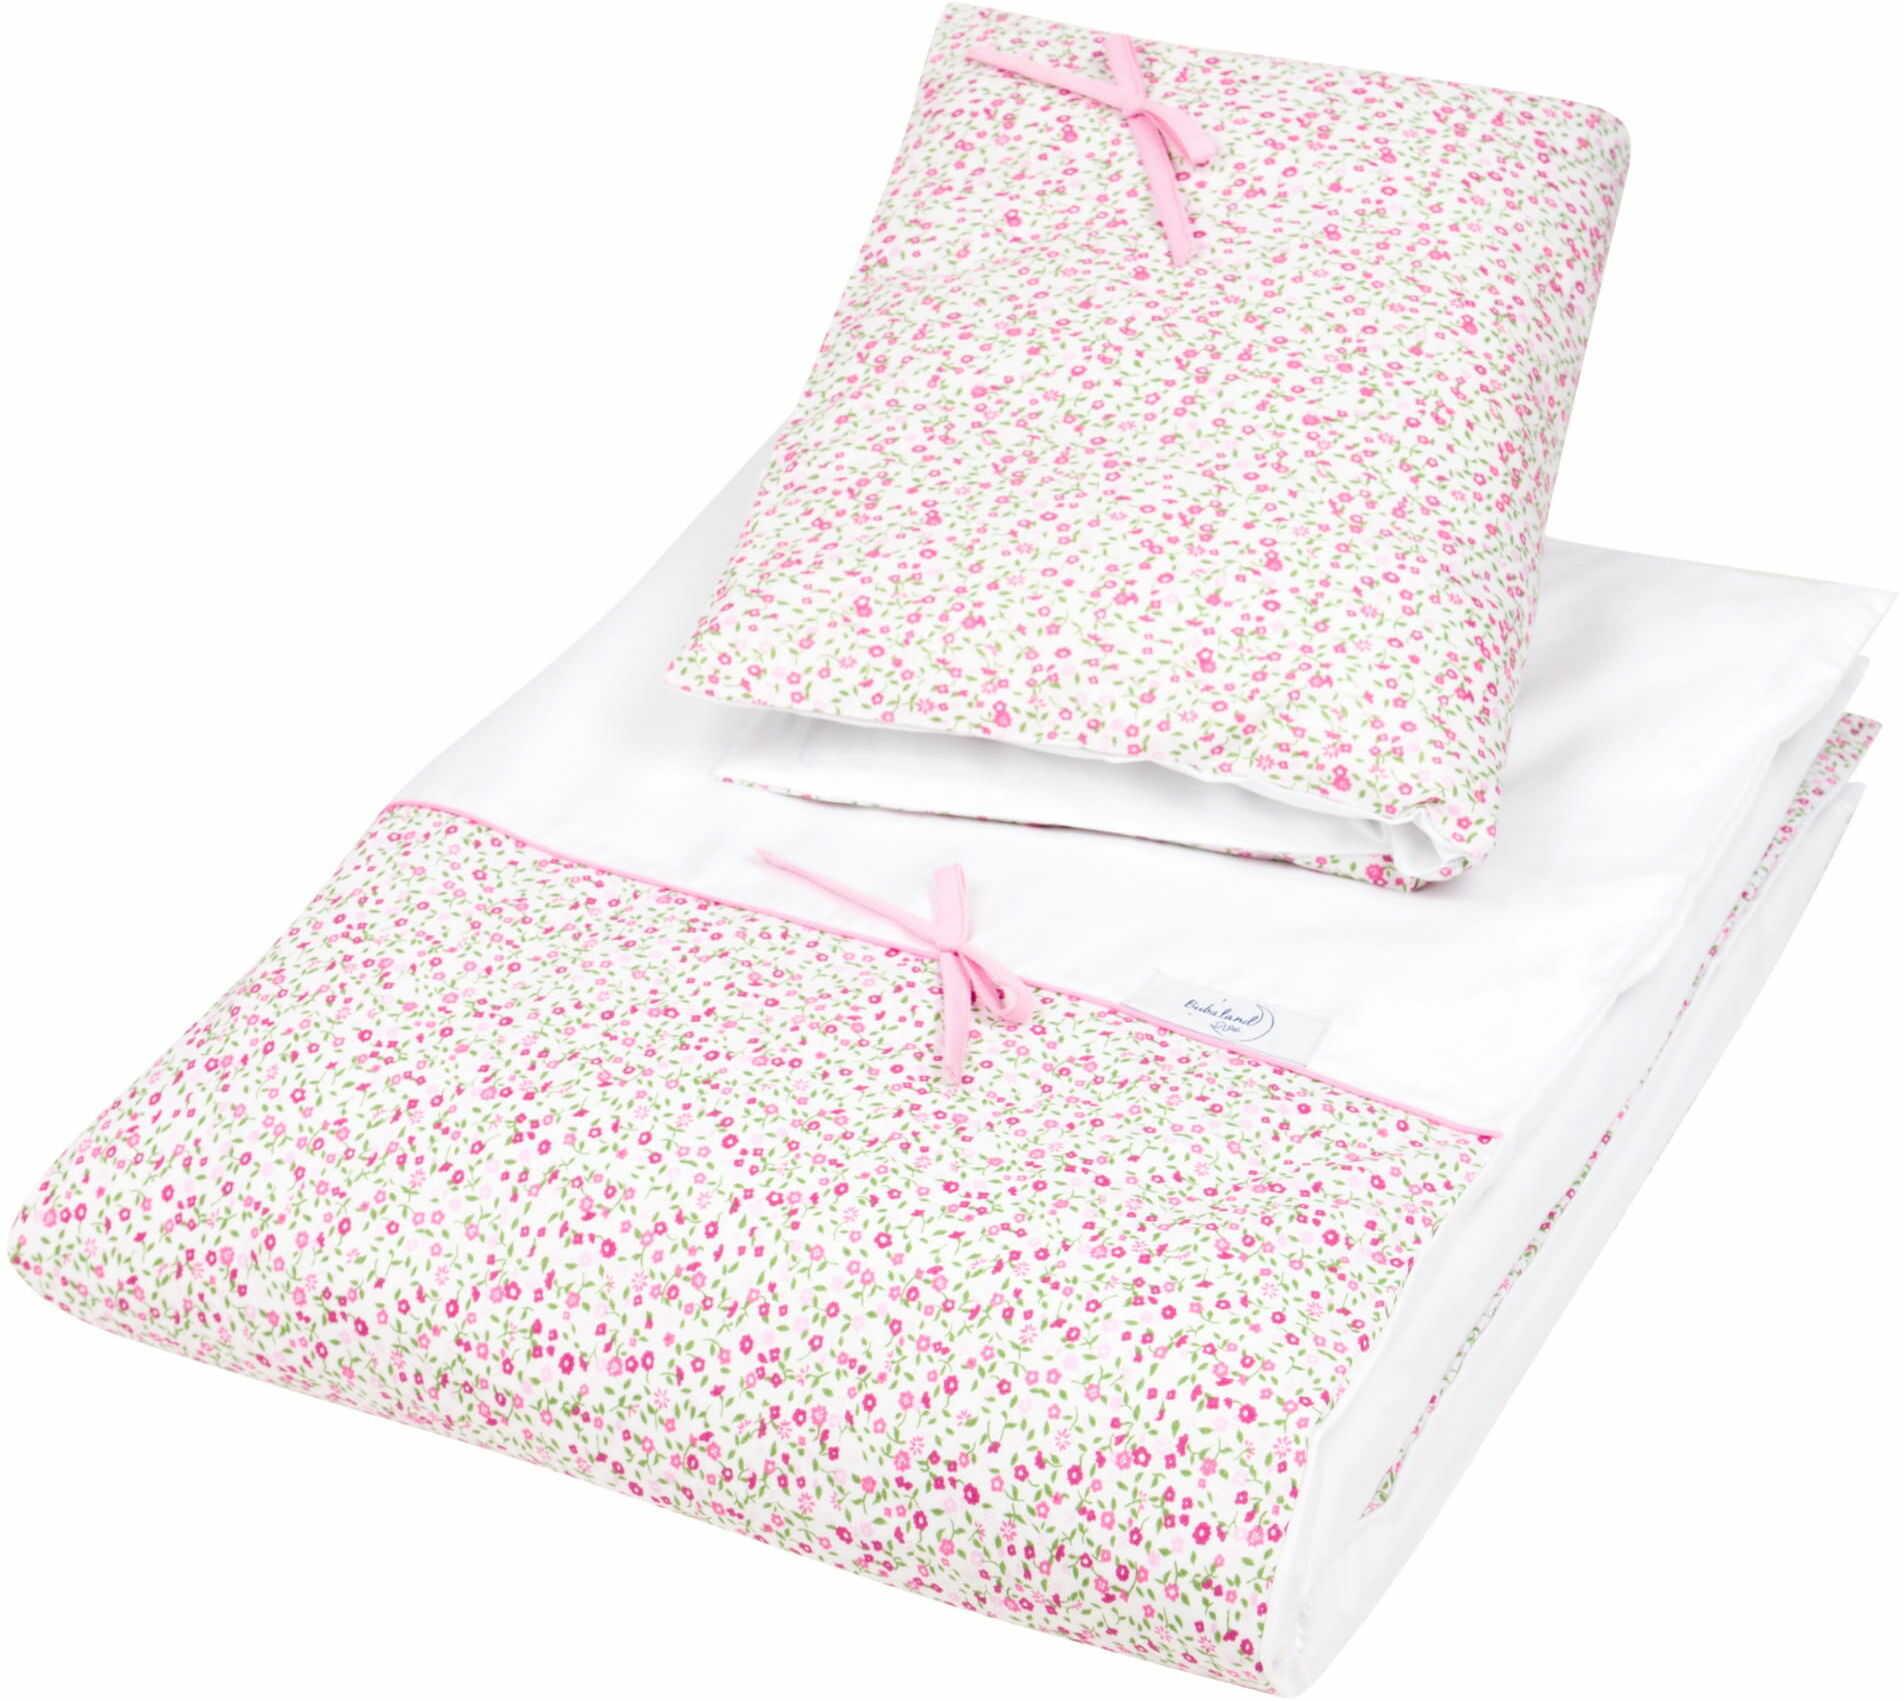 Pościel do łóżeczka, bawełna, satyna 2 el. łączka